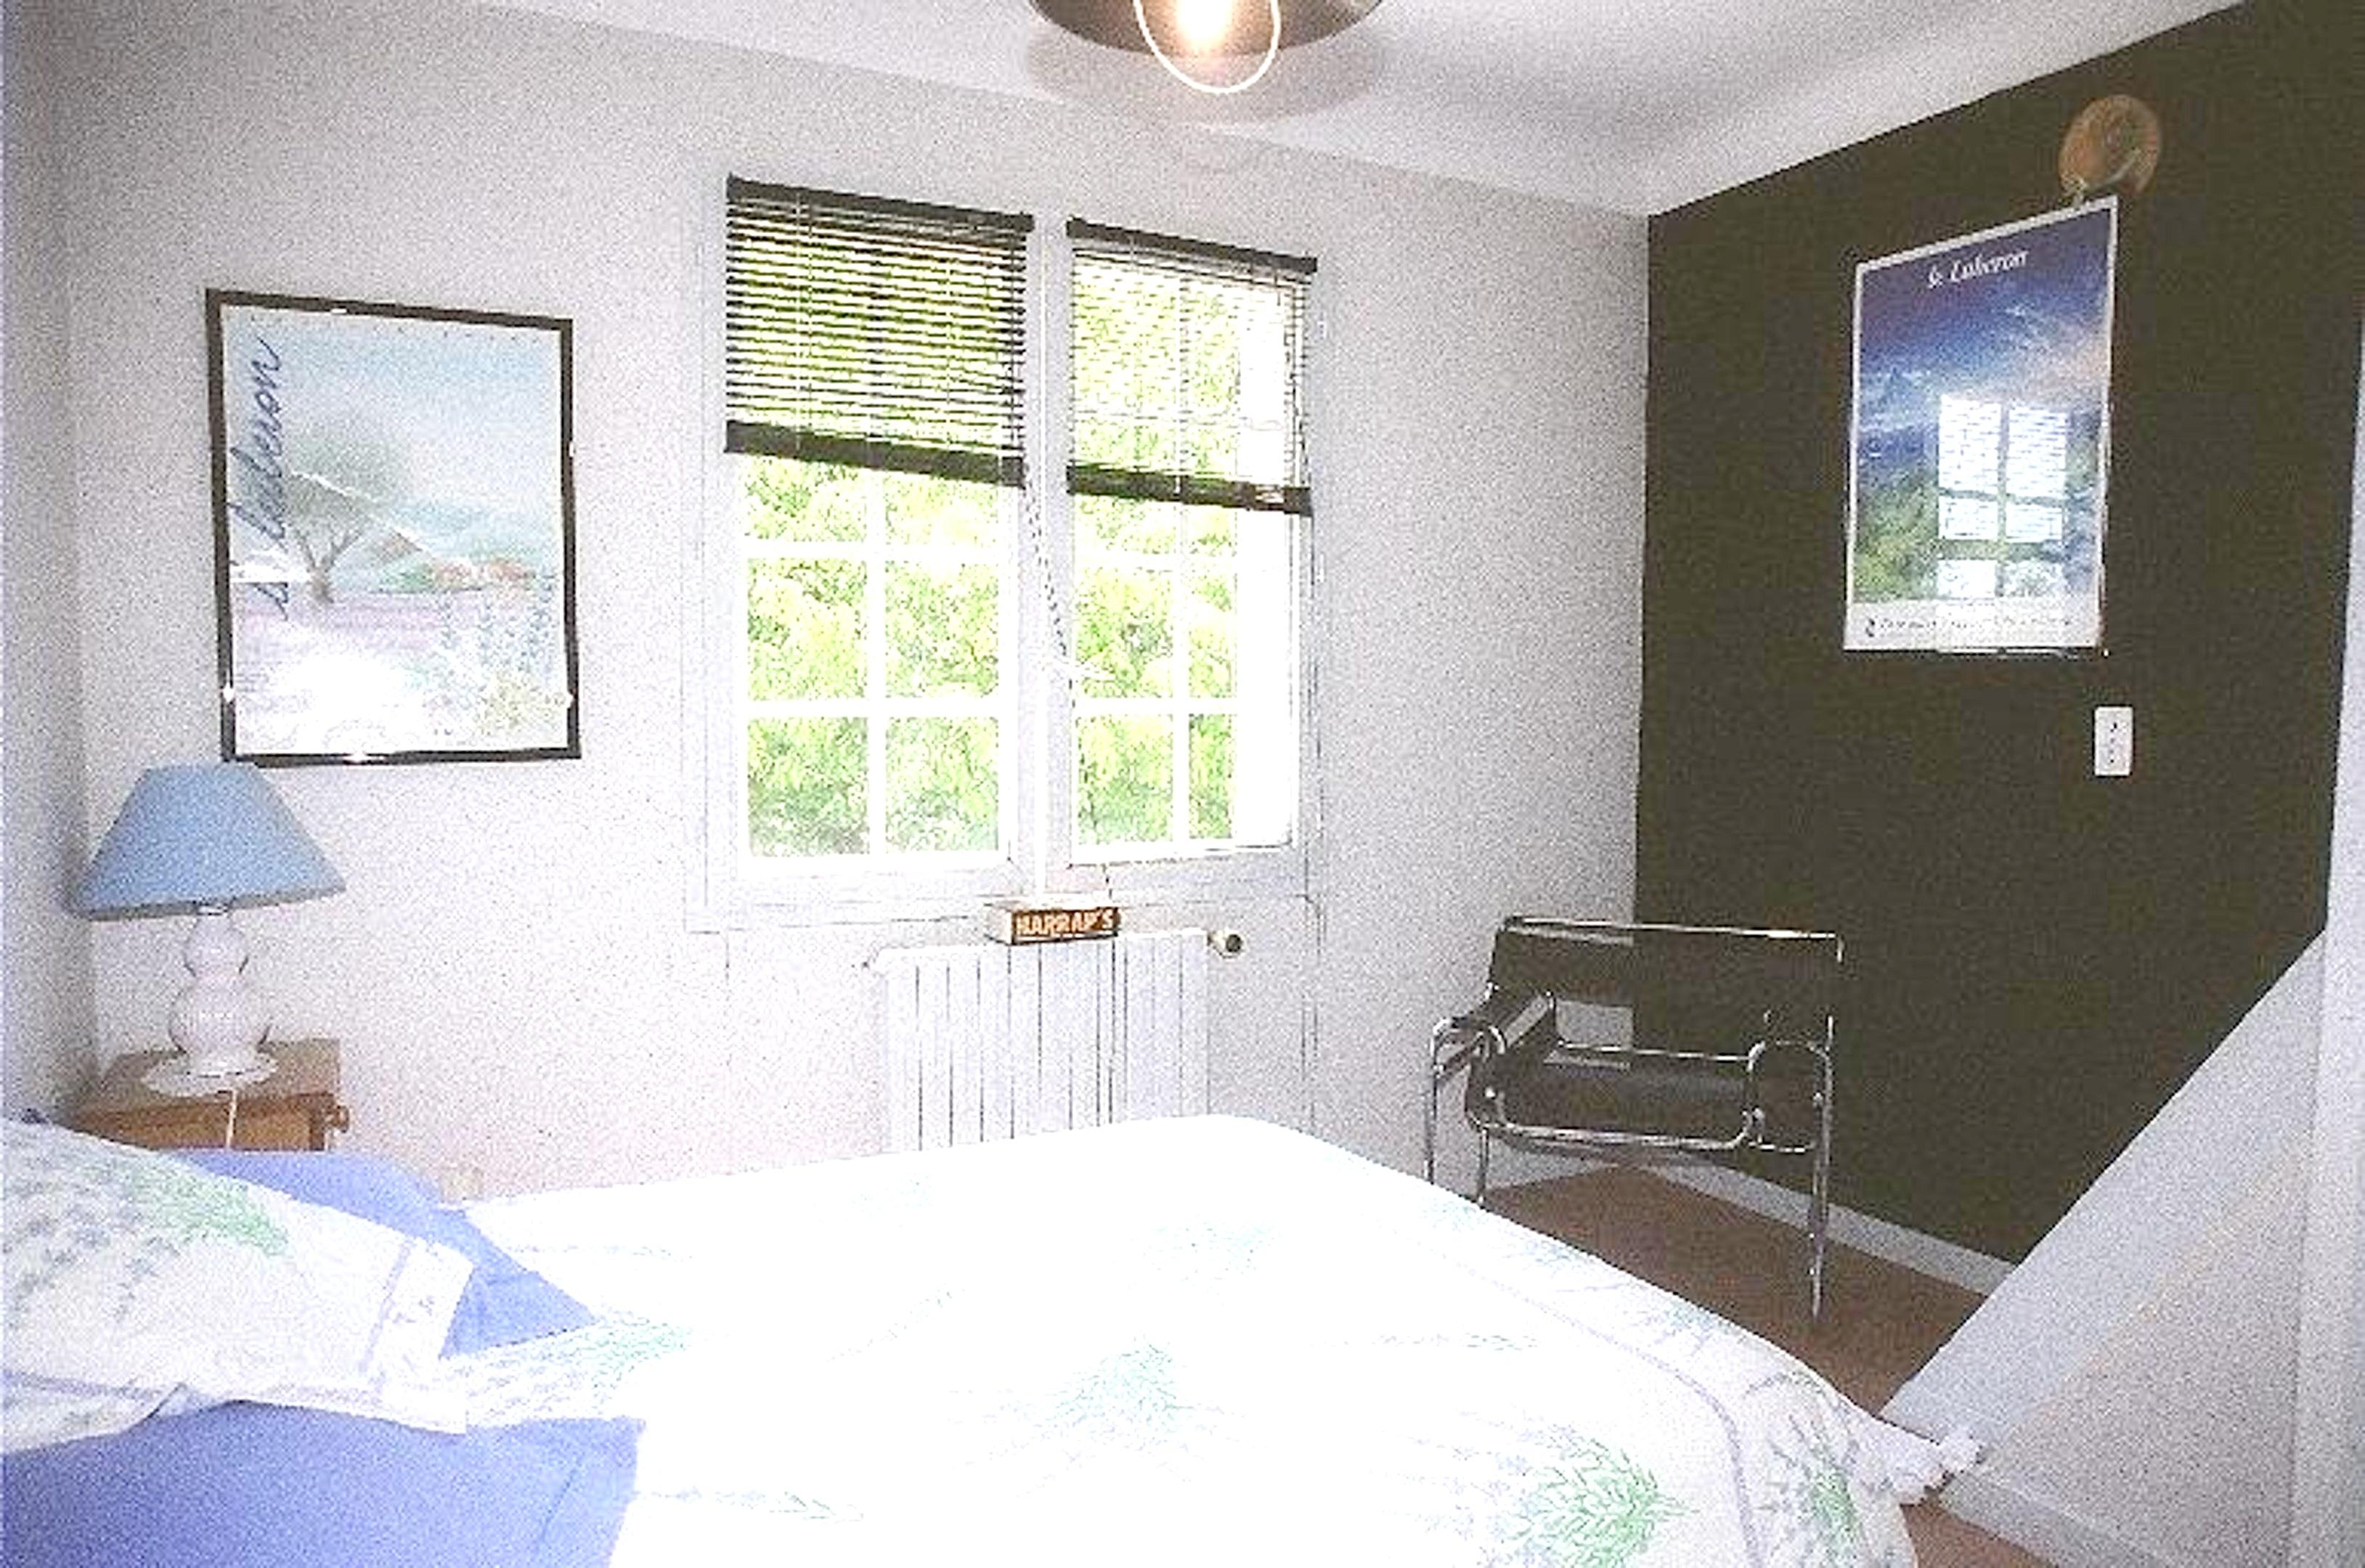 Holiday house Villa mit 3 Schlafzimmern in Céreste mit privatem Pool, eingezäuntem Garten und W-LAN - 50 (2519182), Céreste, Vaucluse, Provence - Alps - Côte d'Azur, France, picture 13